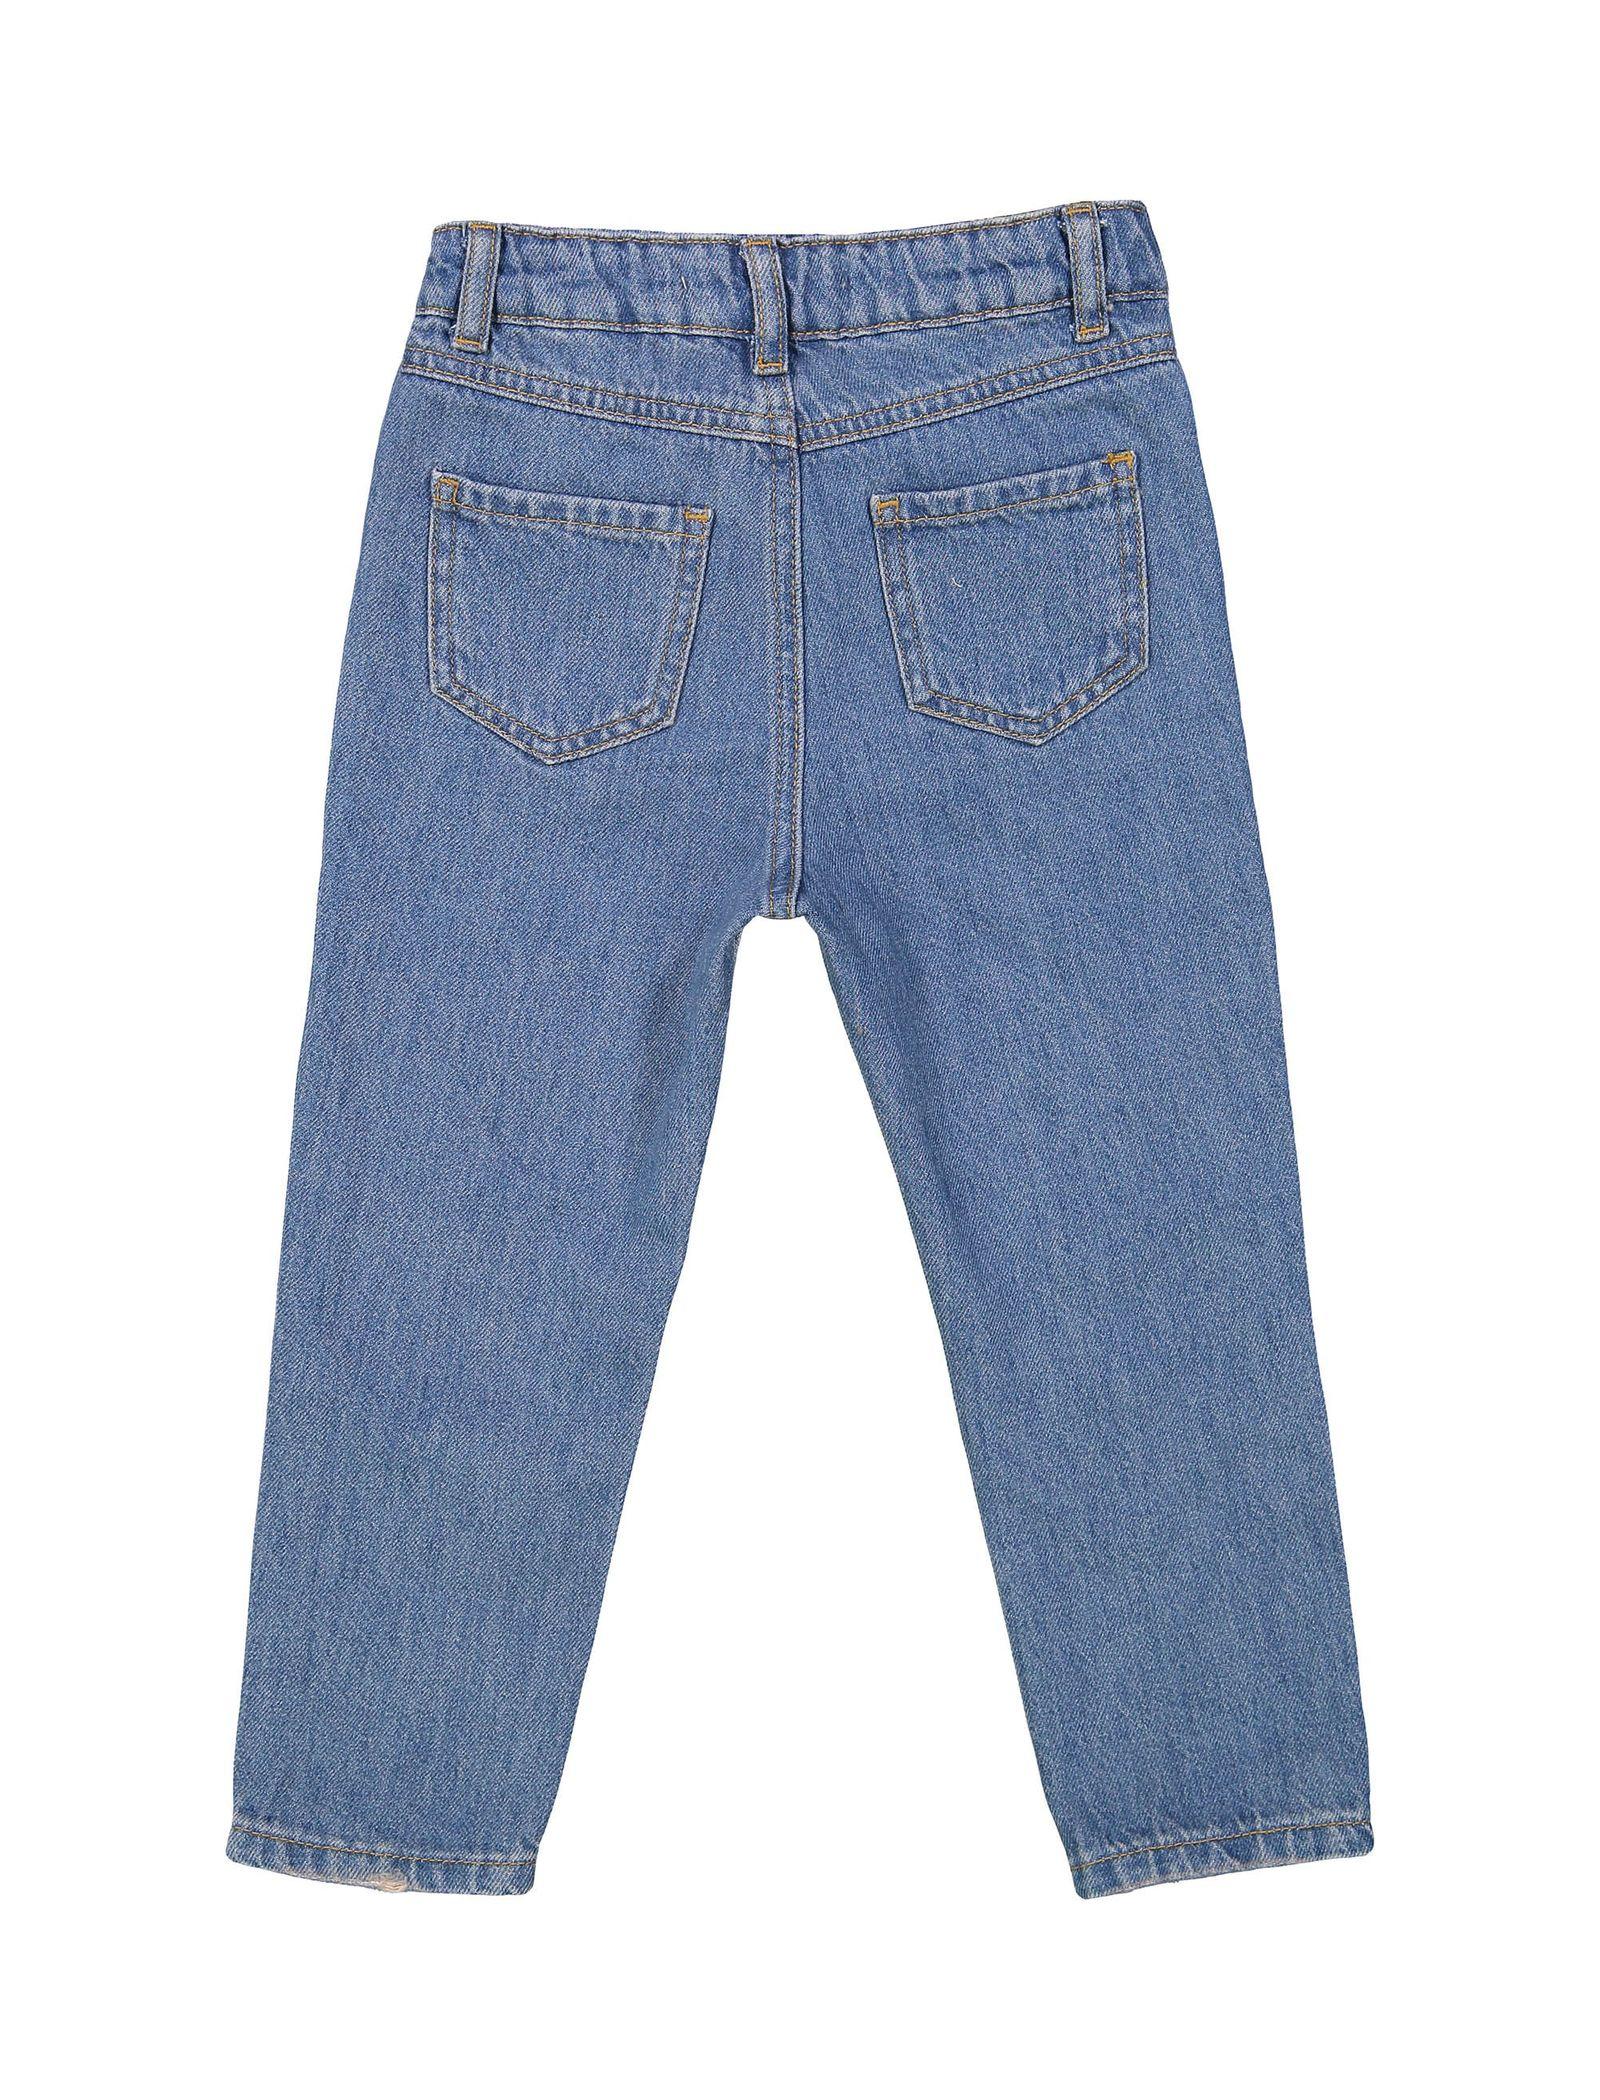 شلوار جین راسته دخترانه - کوتون - آبي - 2